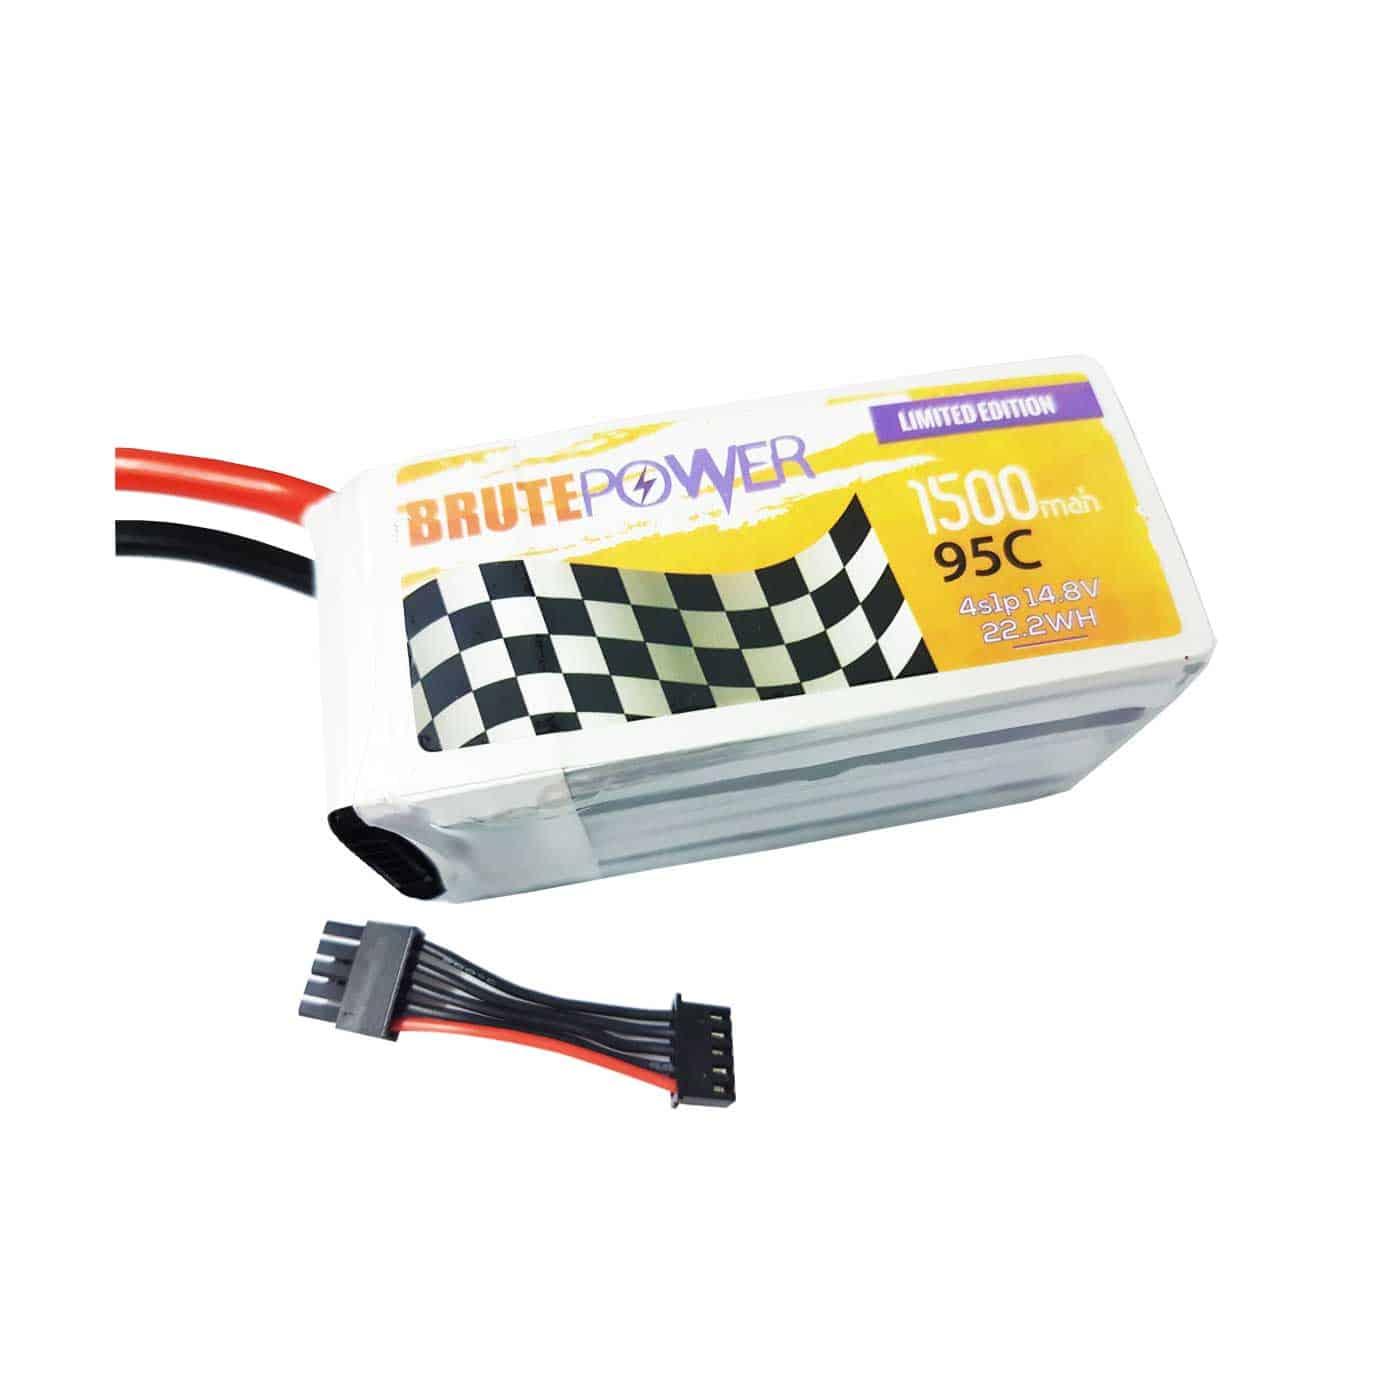 batería lipo 4s 1500mah